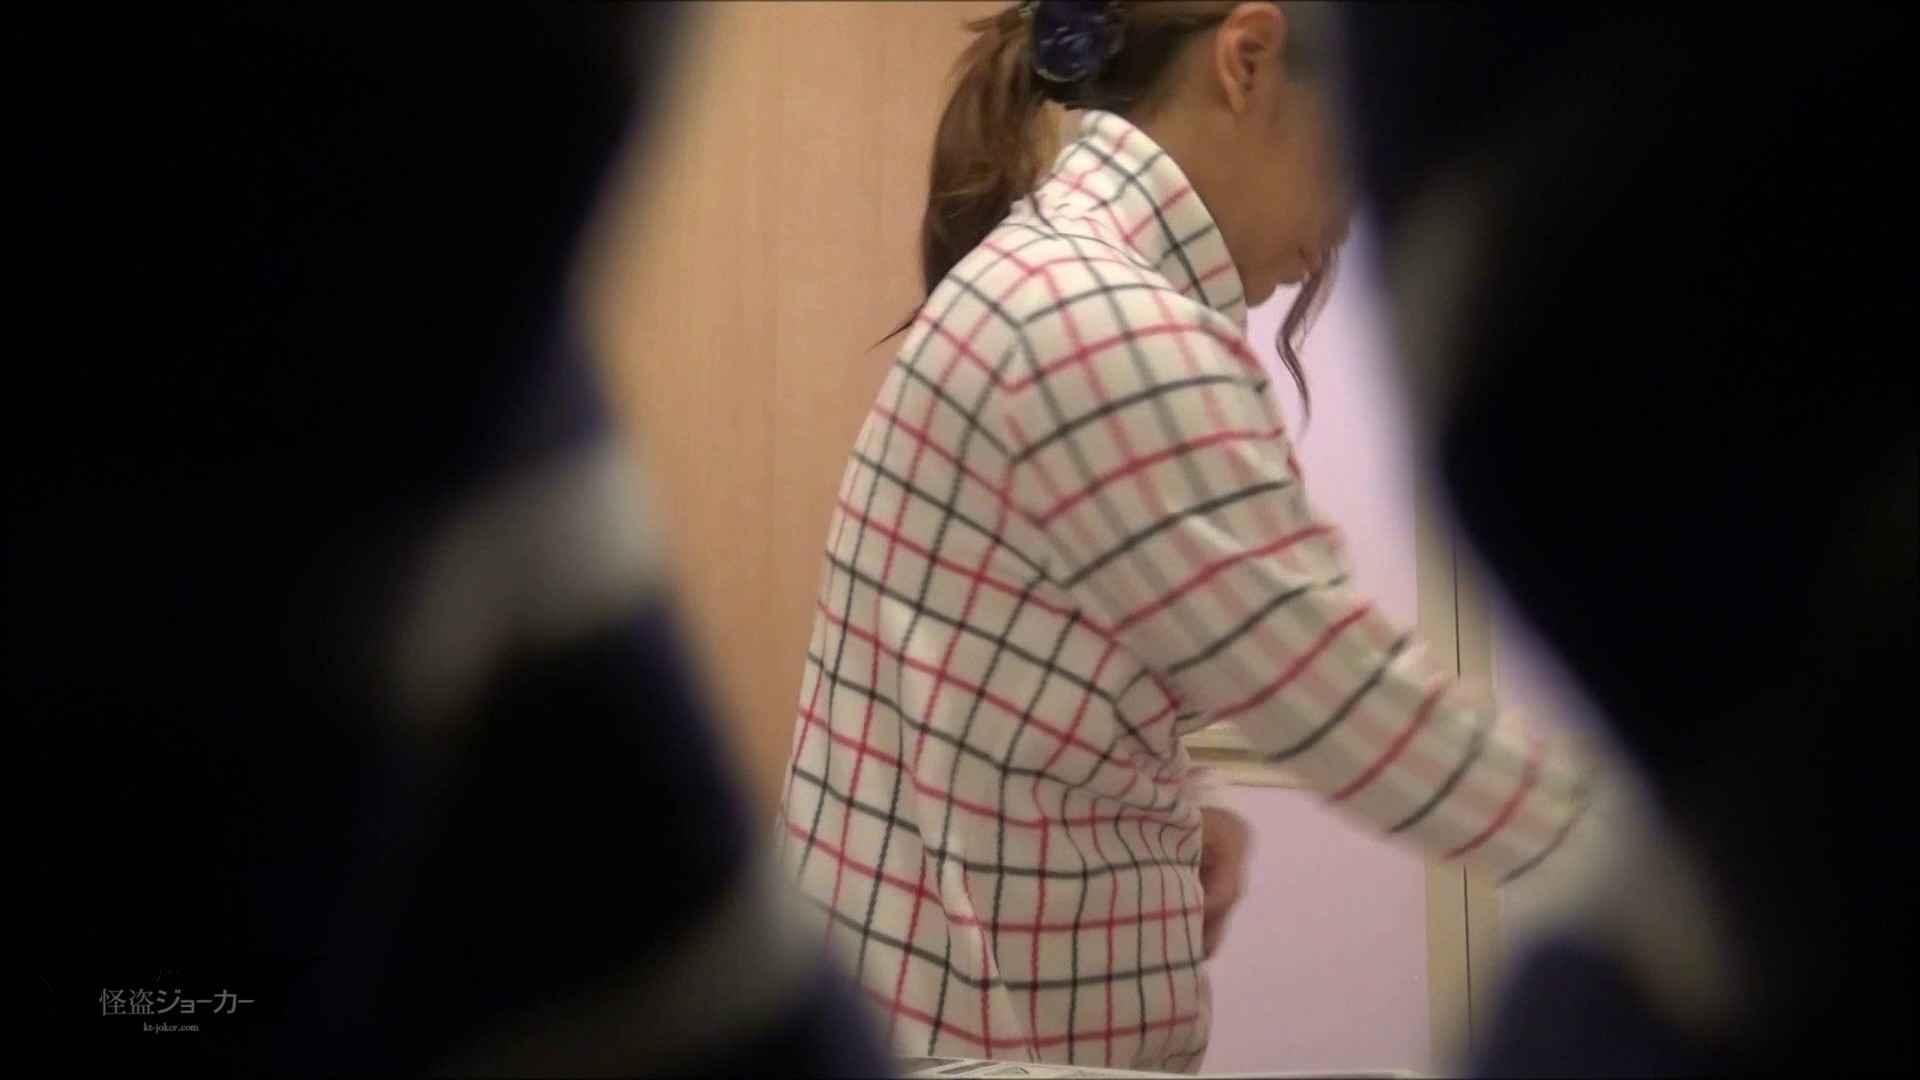 【未公開】vol.105 {爆乳女子と貧乳女子}カナミ&マリ【前編】 爆乳 | 女子大生  49画像 33